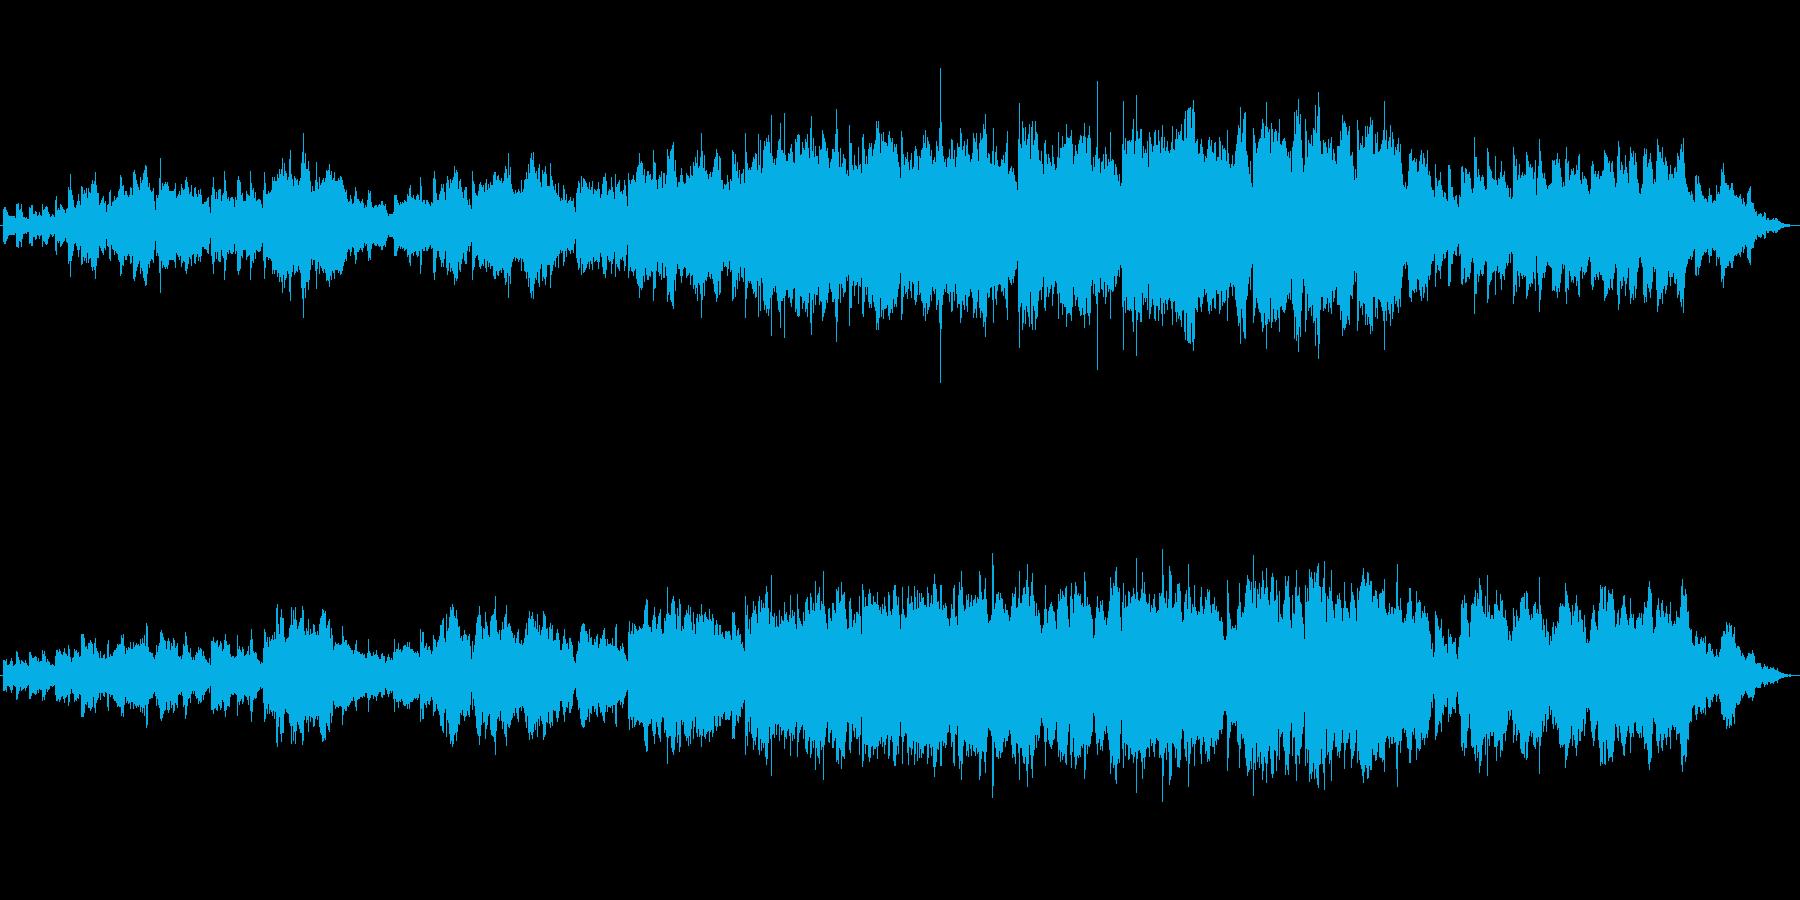 地球の魂をテーマにしたクラシック音楽の再生済みの波形